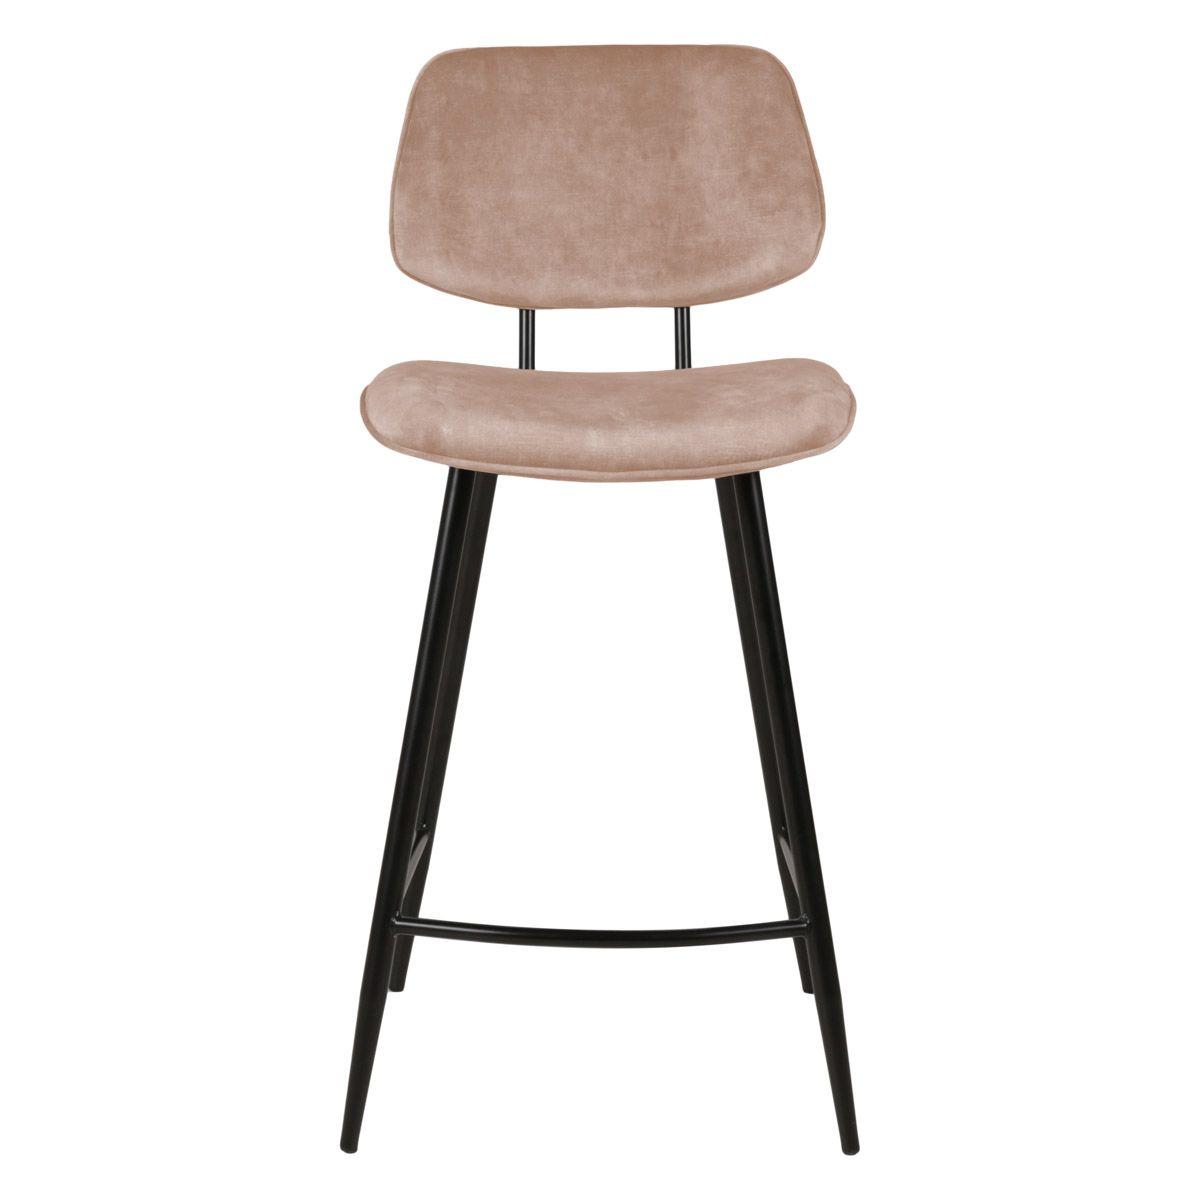 Chaise plan de travail velours beige pieds métal noir h68